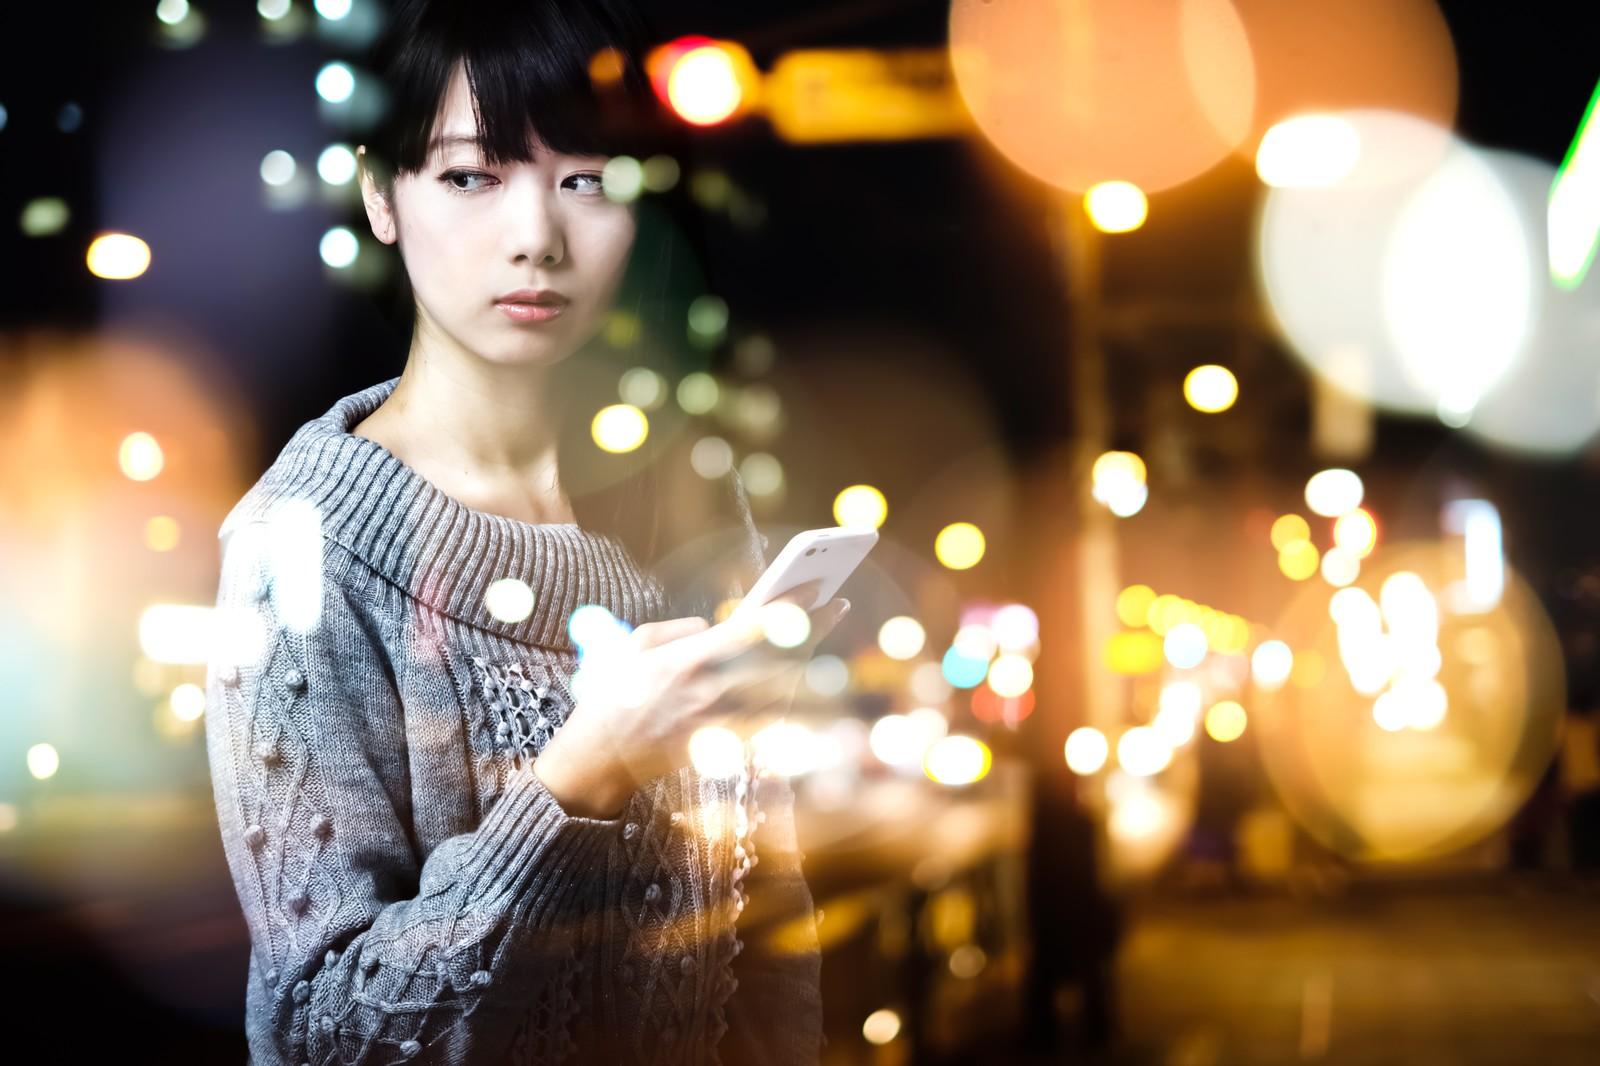 浮気調査の依頼をする前に妻の携帯電話を盗み見する人は意外と多い